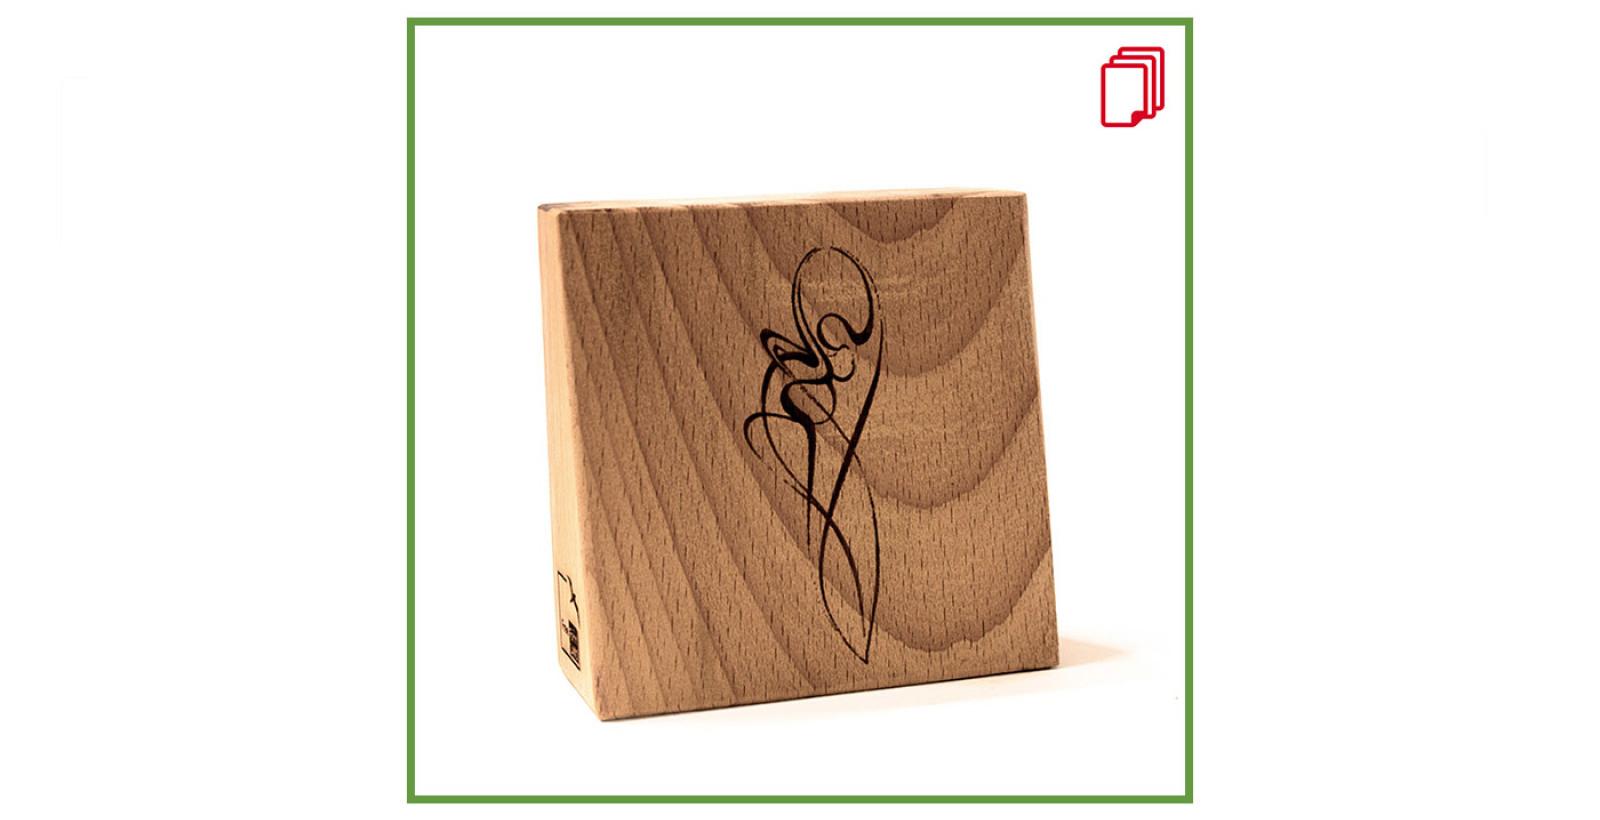 free text no.3 --- چوب نبشته رومیزی